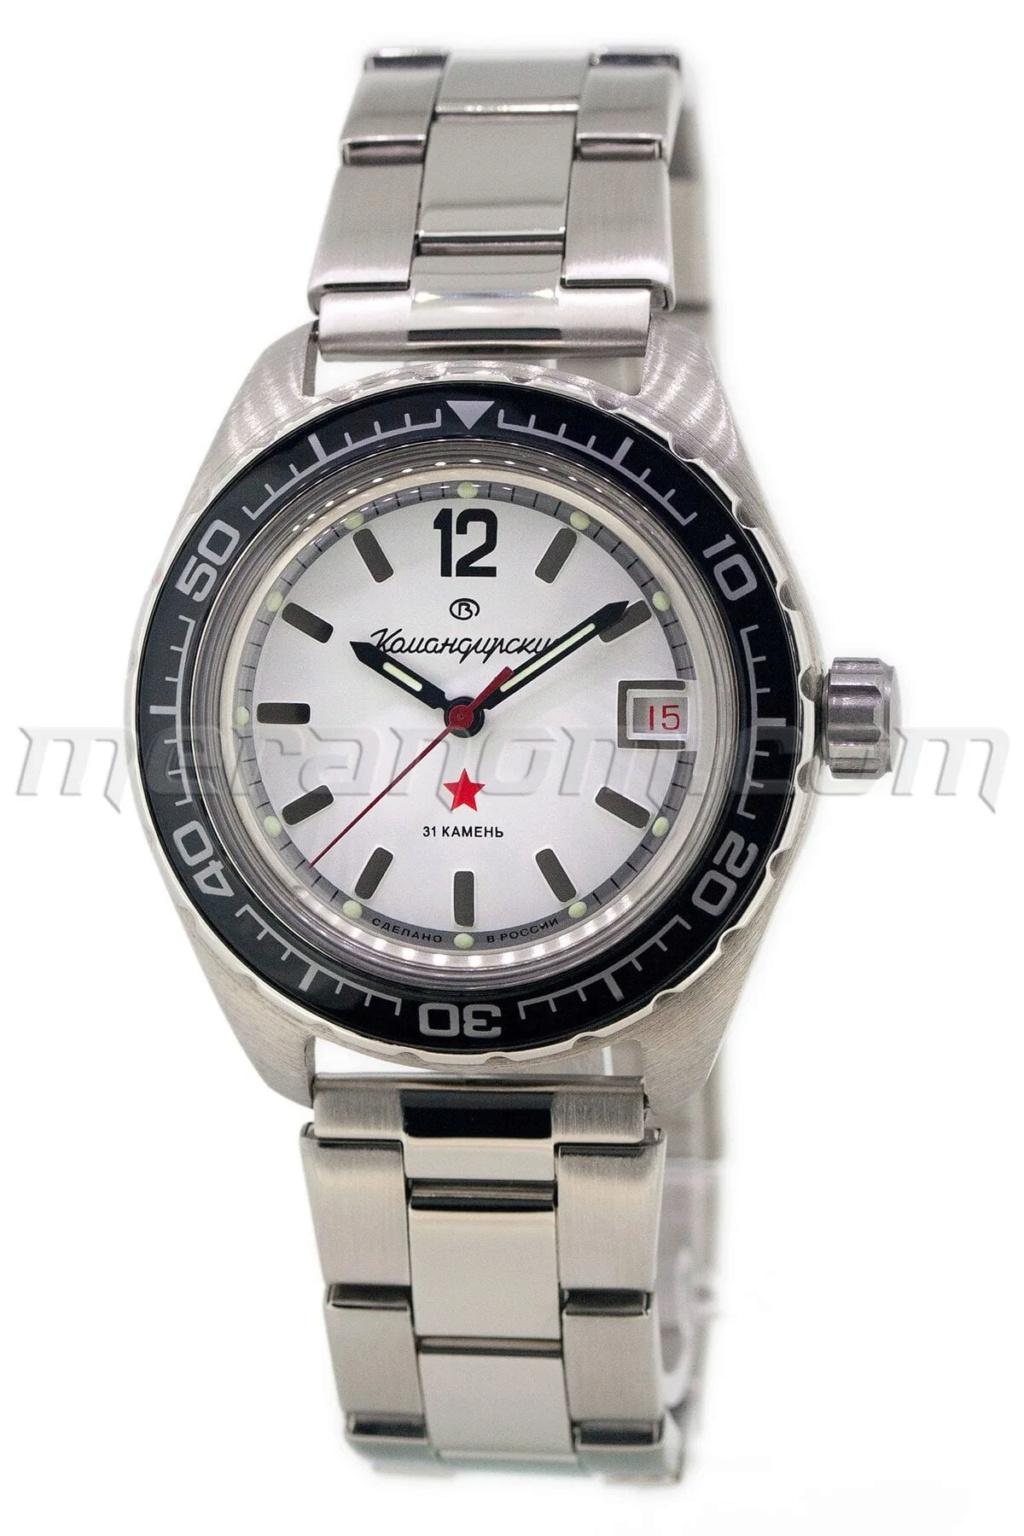 Avis achat première montre automatique  - Page 3 Vostok10